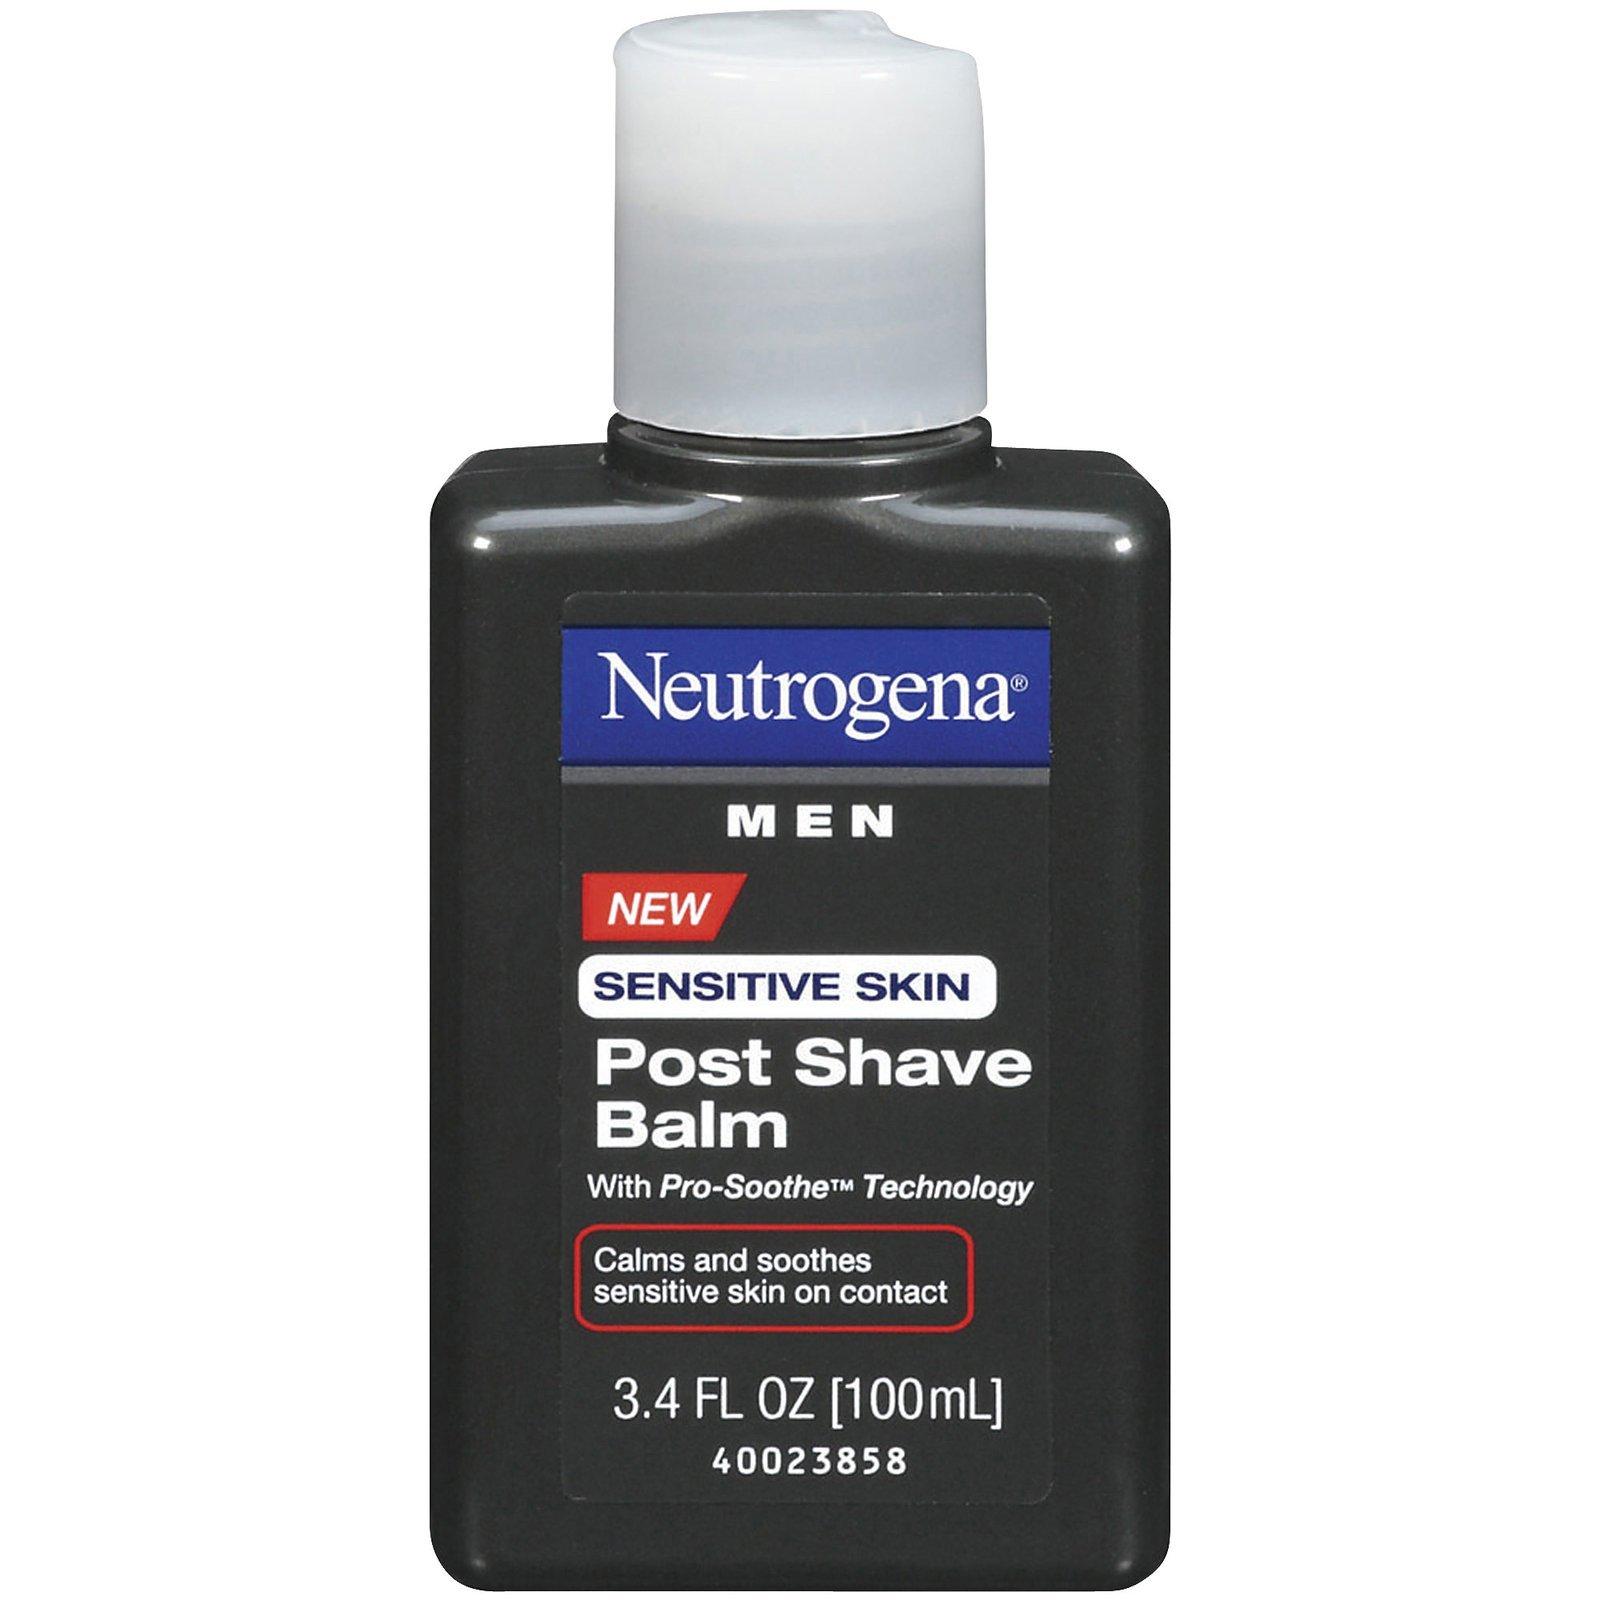 Neutrogena Men Sensitive Skin Post Shave Balm - 3.4 oz